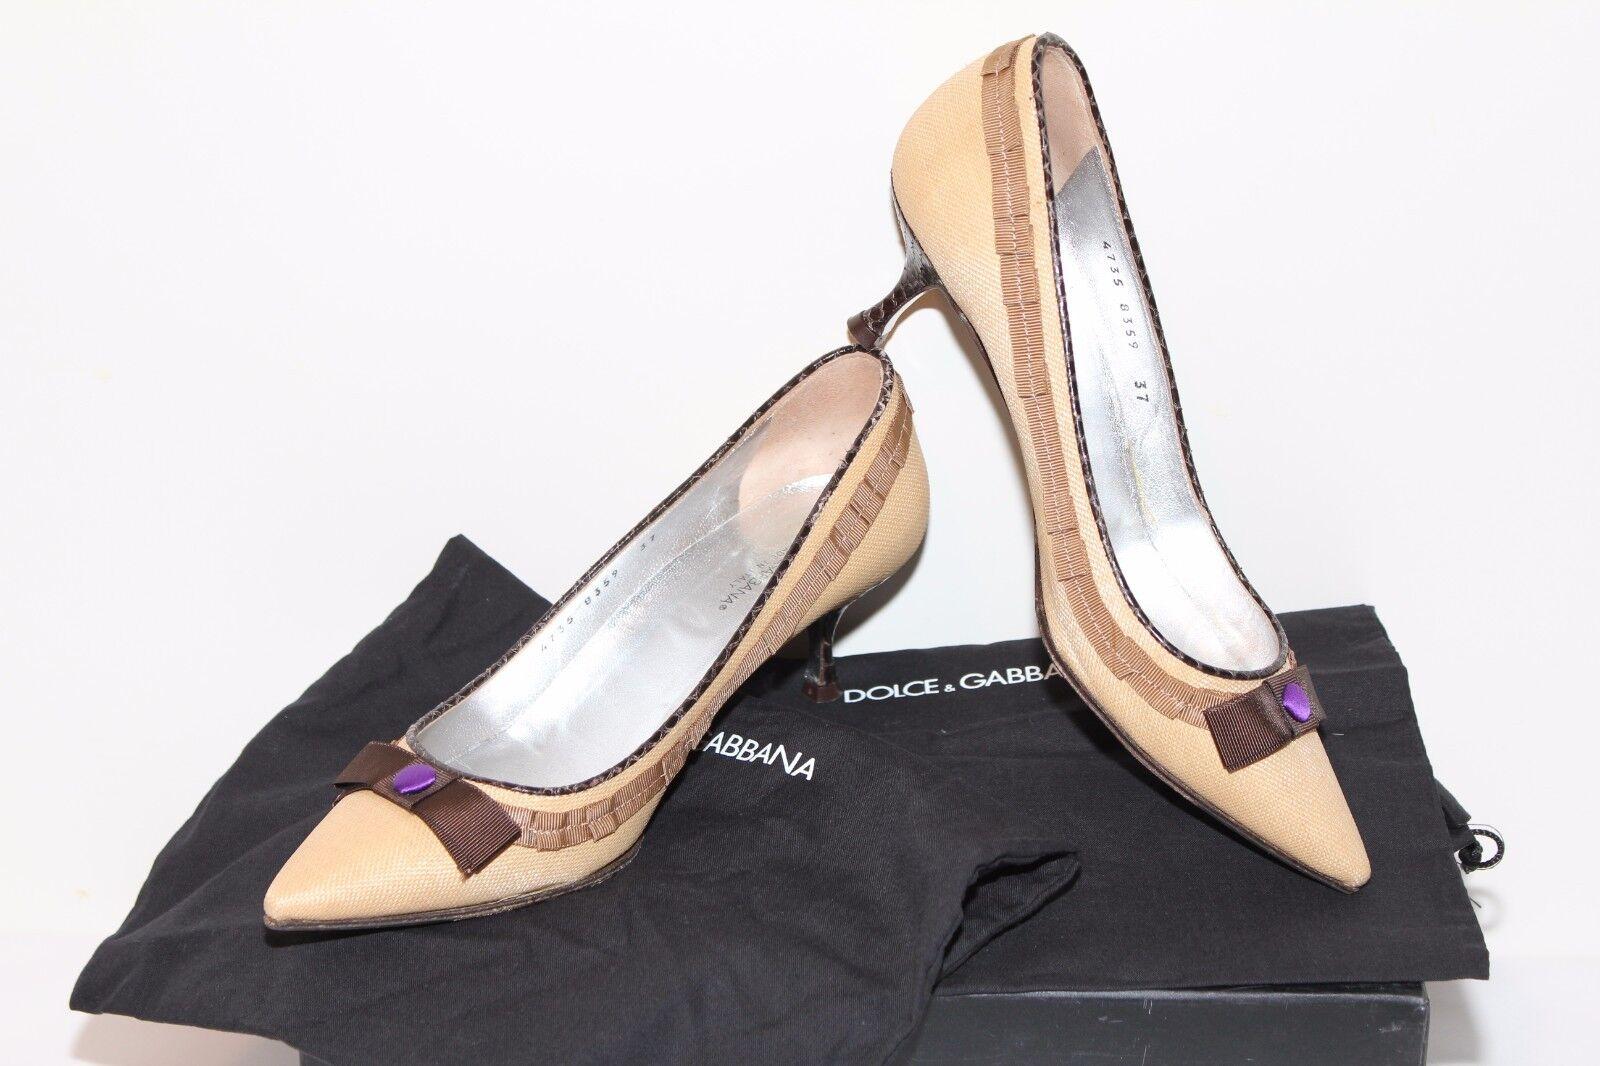 Descuento barato Dolce&Gabbana Leder Leinen Pumps Schuhe Gr 37 Neuwertig Beige !Prachtstück X2134